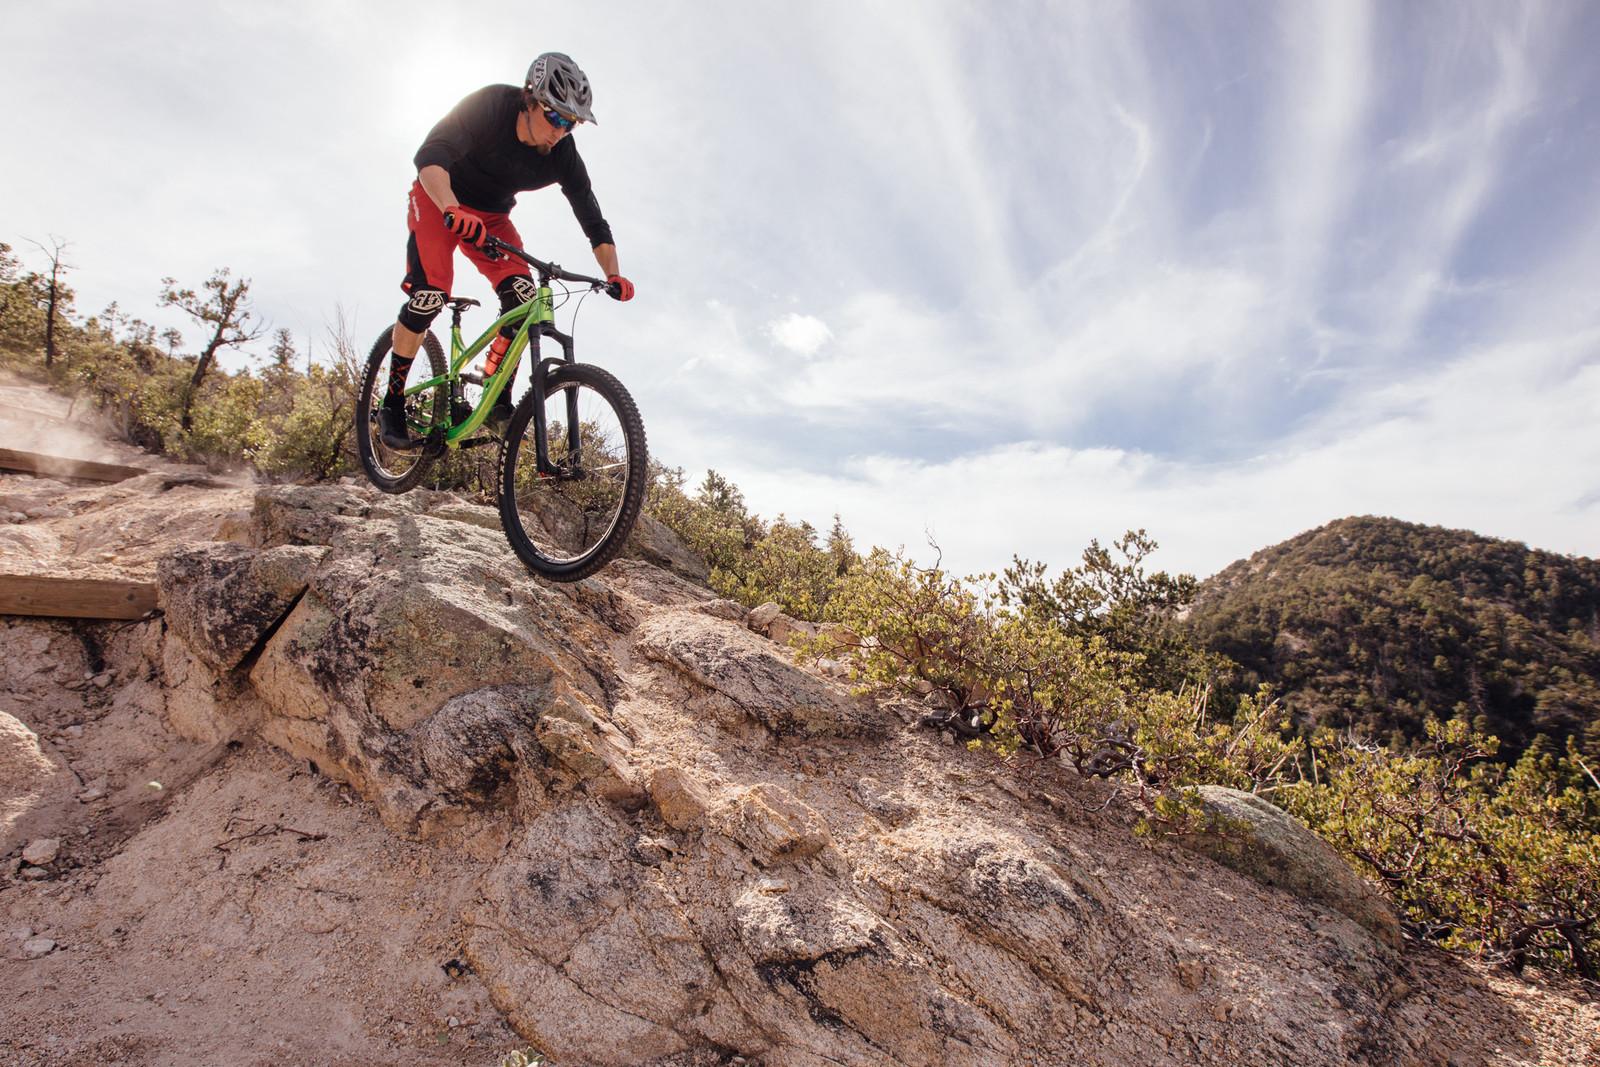 Guerrilla Gravity Trail Pistol - 2017 Vital MTB Test Sessions - Guerrilla Gravity Trail Pistol - 2017 Vital MTB Test Sessions - Mountain Biking Pictures - Vital MTB